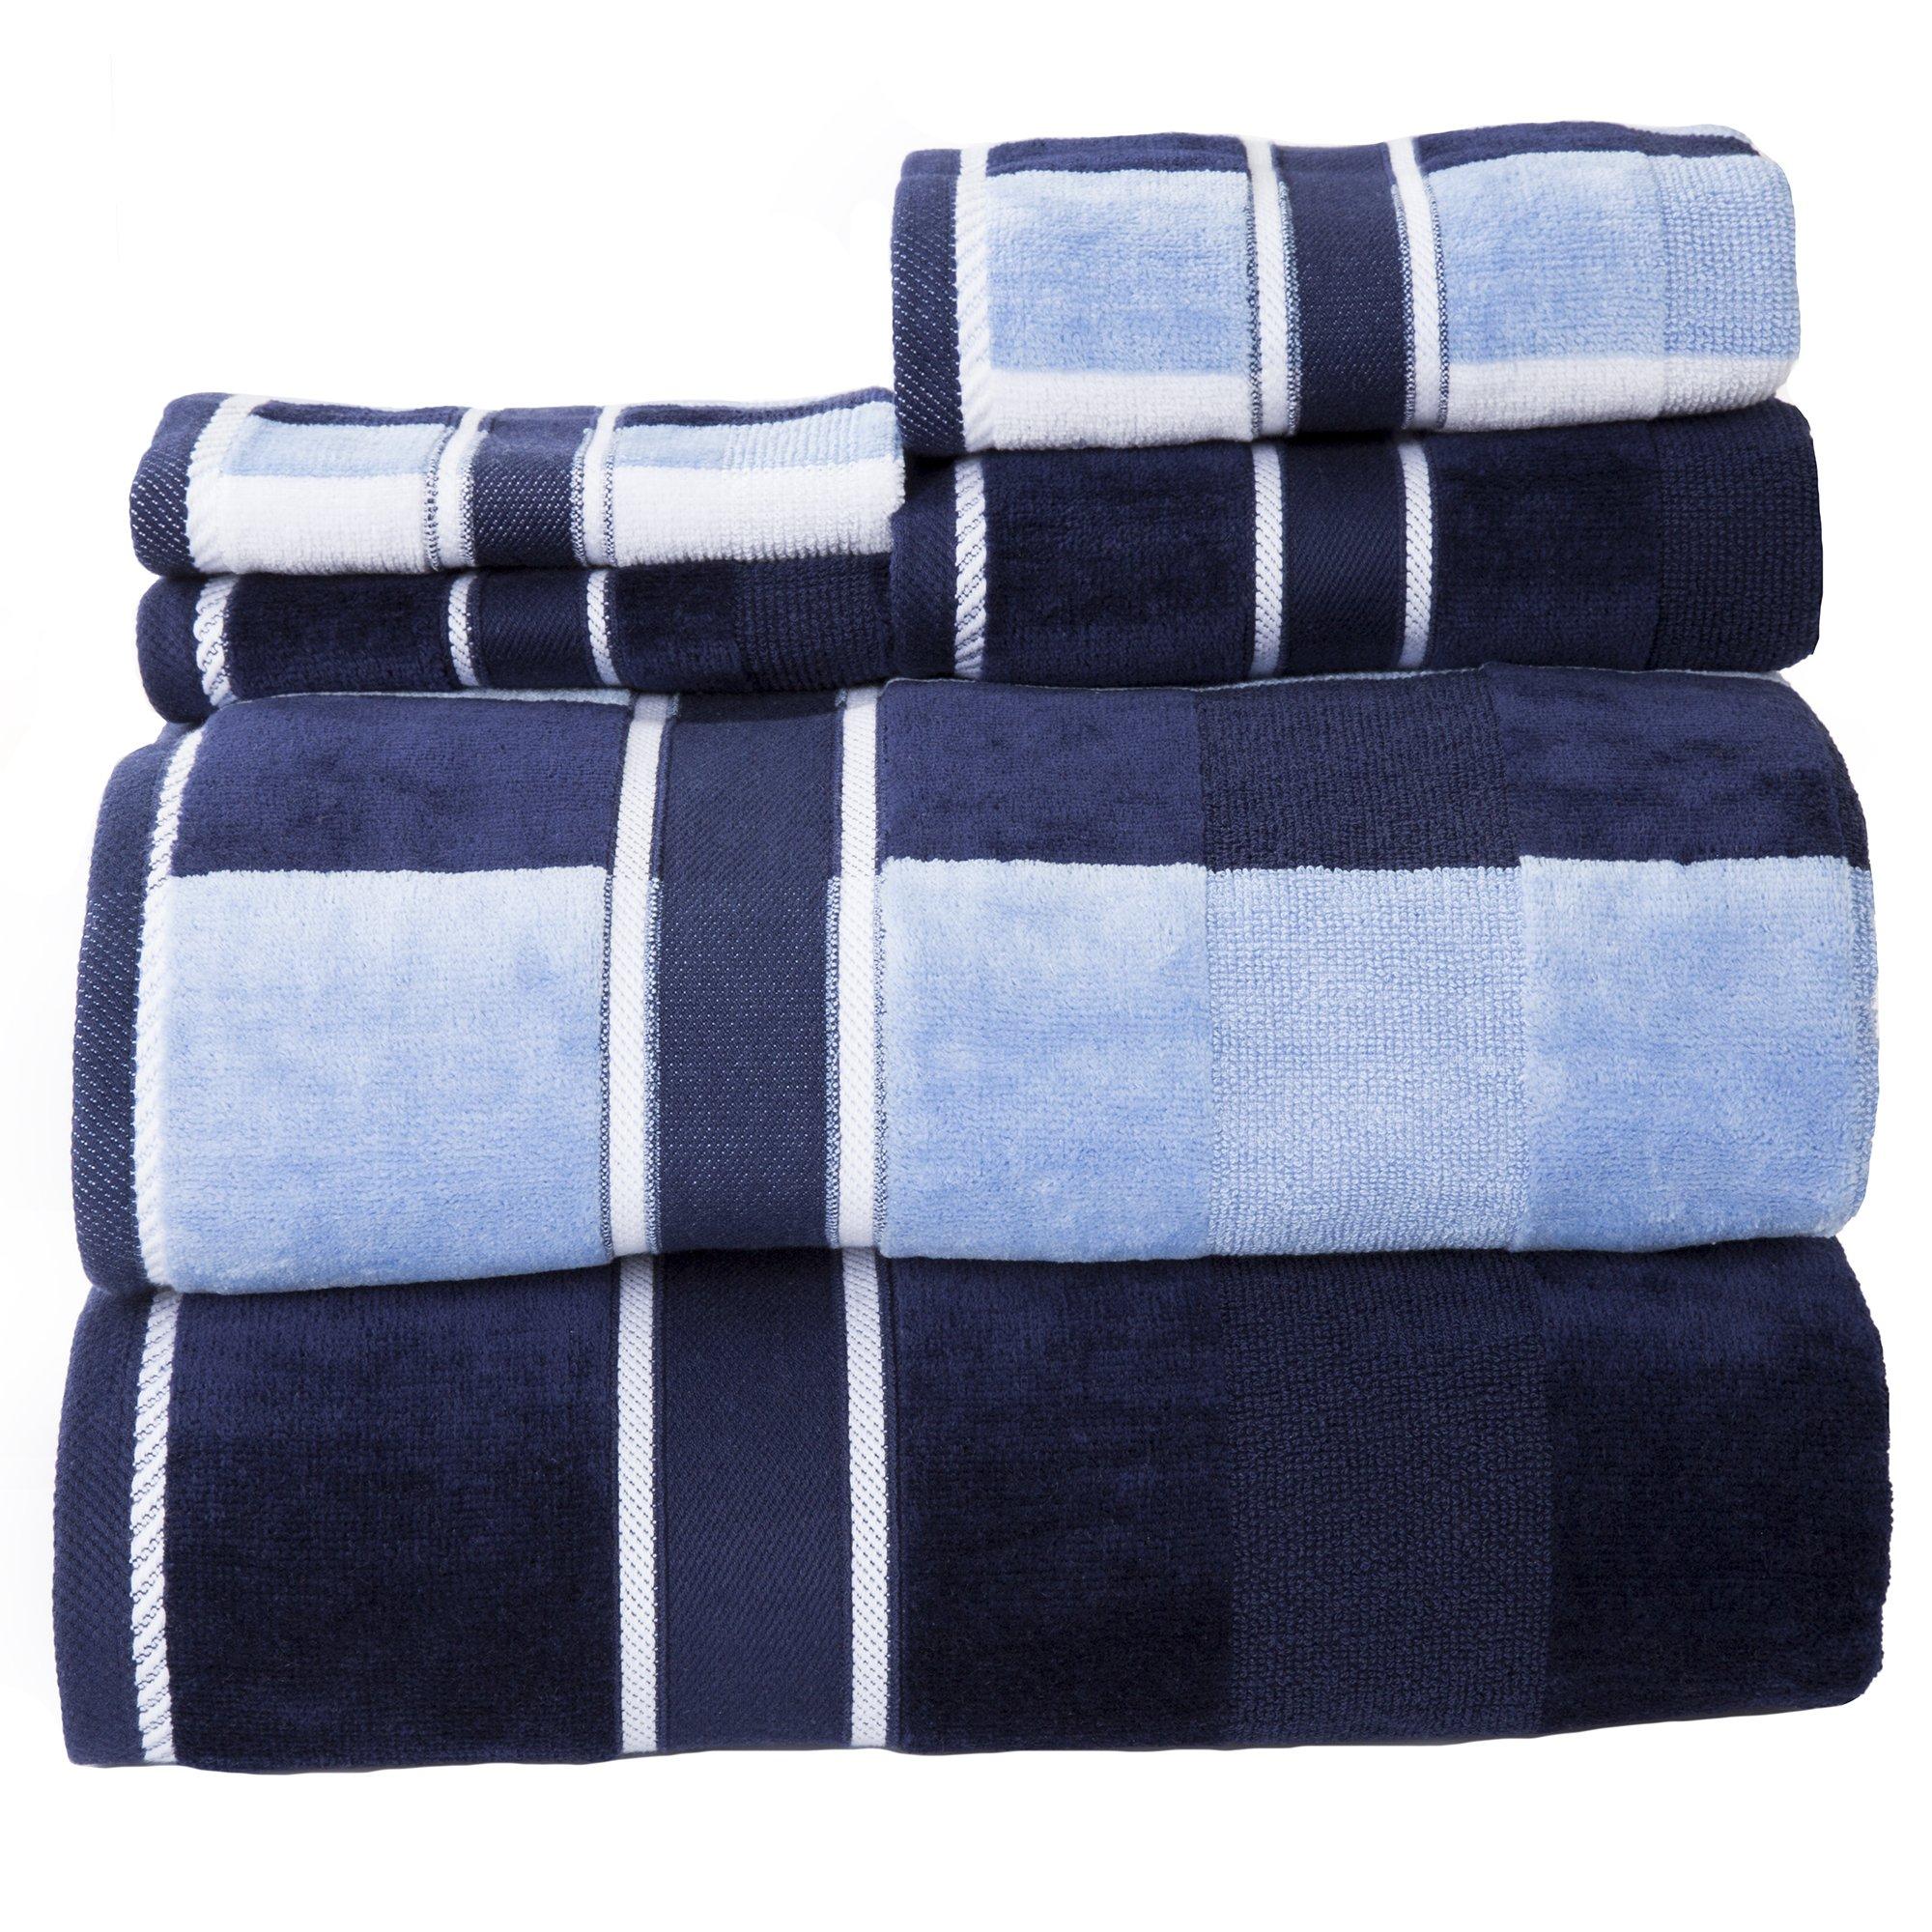 Lavish Home 67-0023-N 100 Percent Cotton Oakville Velour Towel Set (6 Piece), Navy